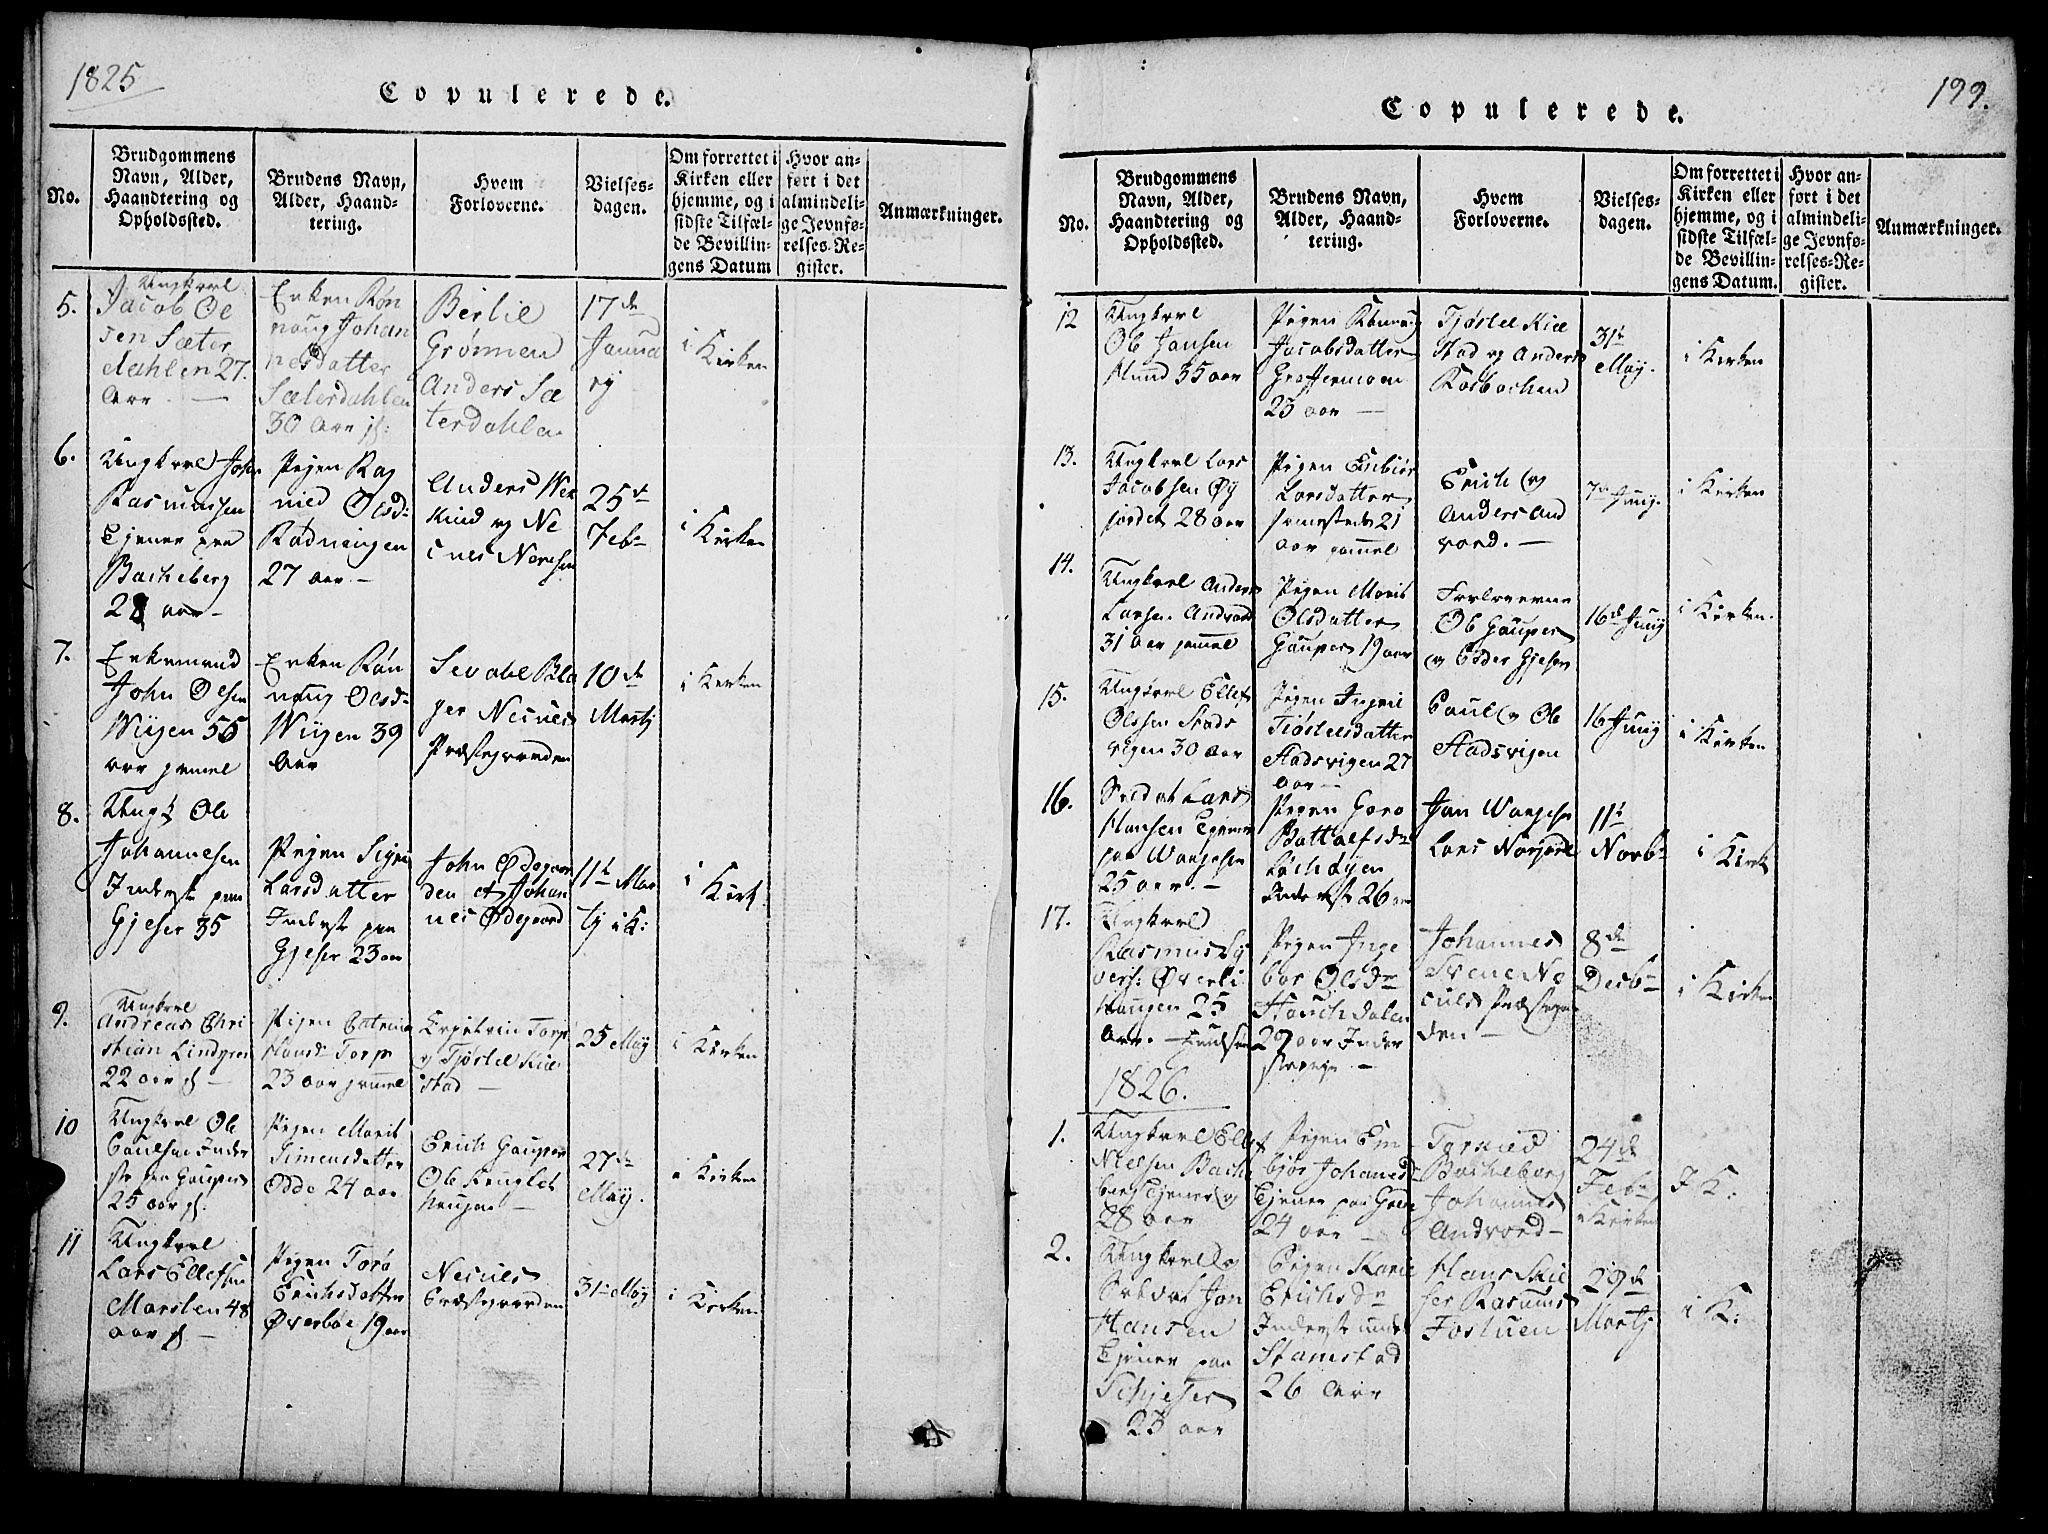 SAH, Lom prestekontor, L/L0001: Klokkerbok nr. 1, 1815-1836, s. 199